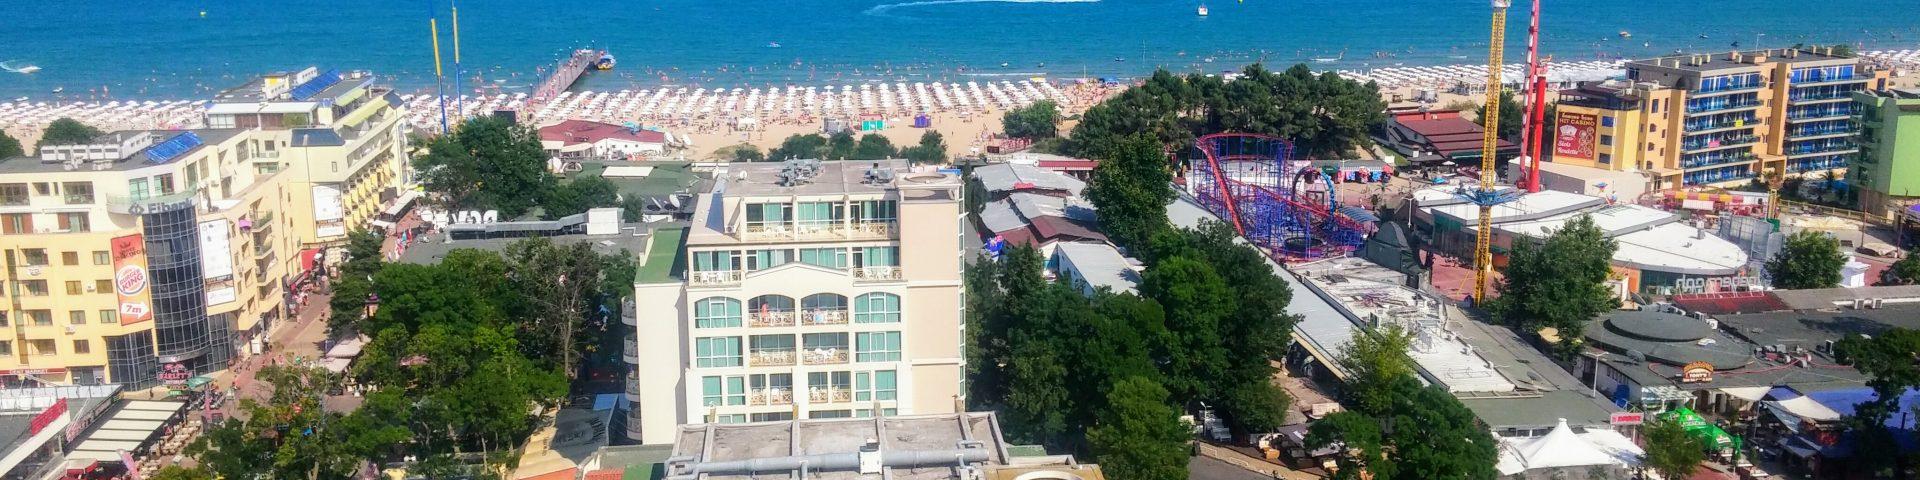 Солнечный берег Болгария_Sunny Beach Bulgaria (13)